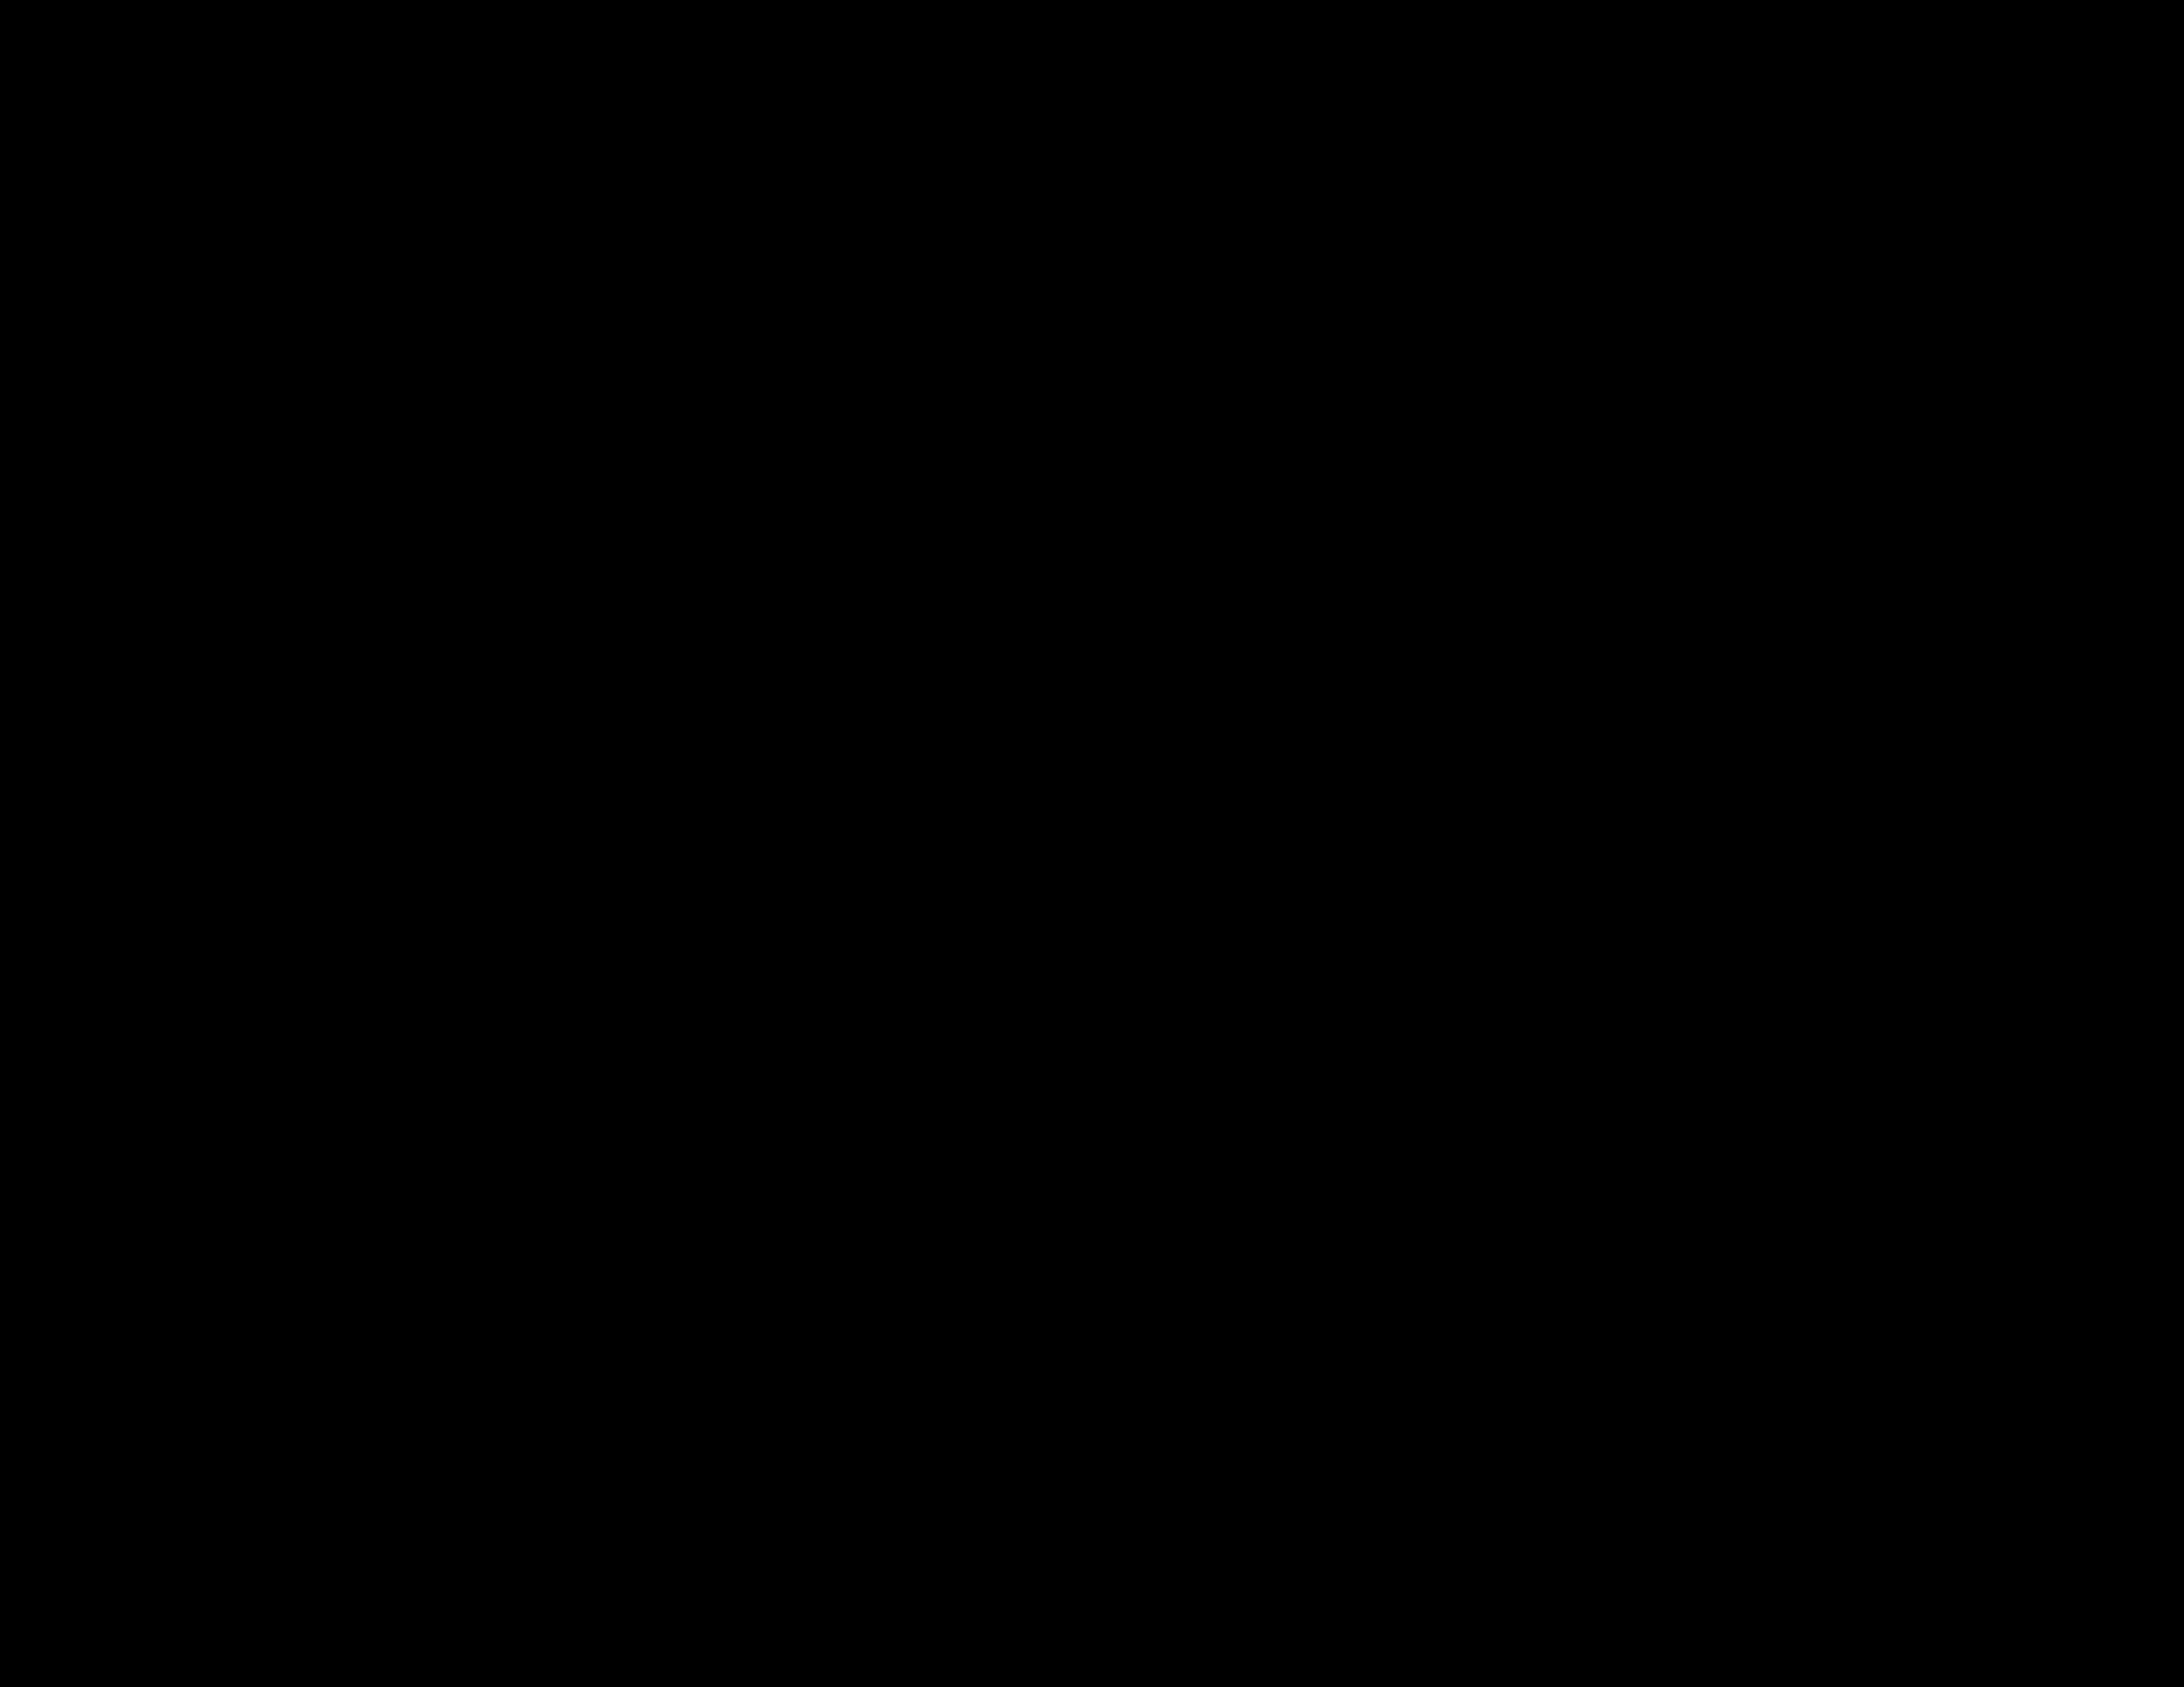 BDF_logo_outline-01 (1)